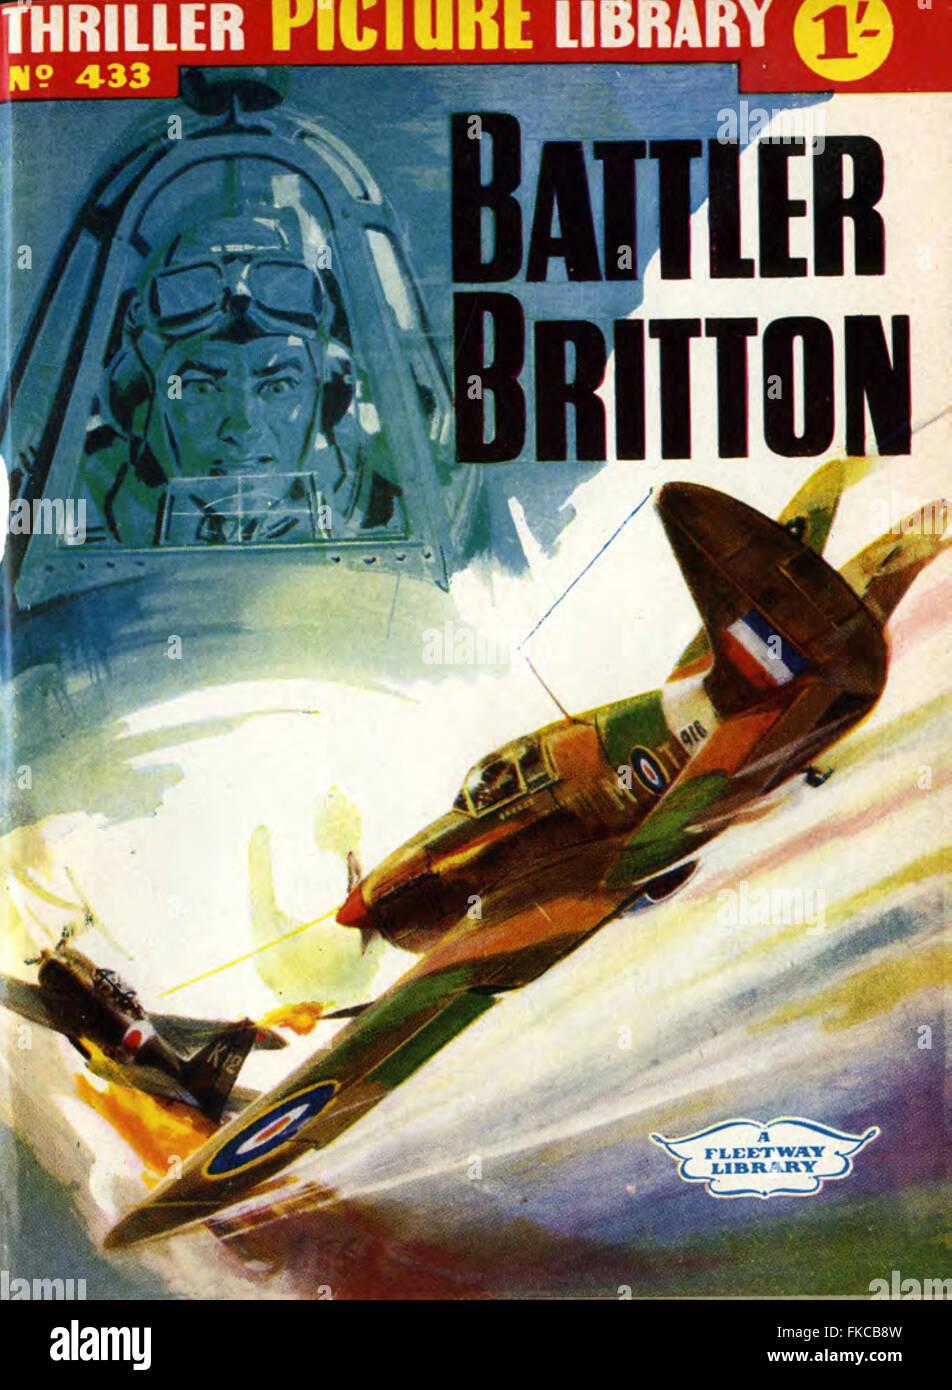 Thriller británico de la portada de la Revista de la biblioteca de imágenes Imagen De Stock